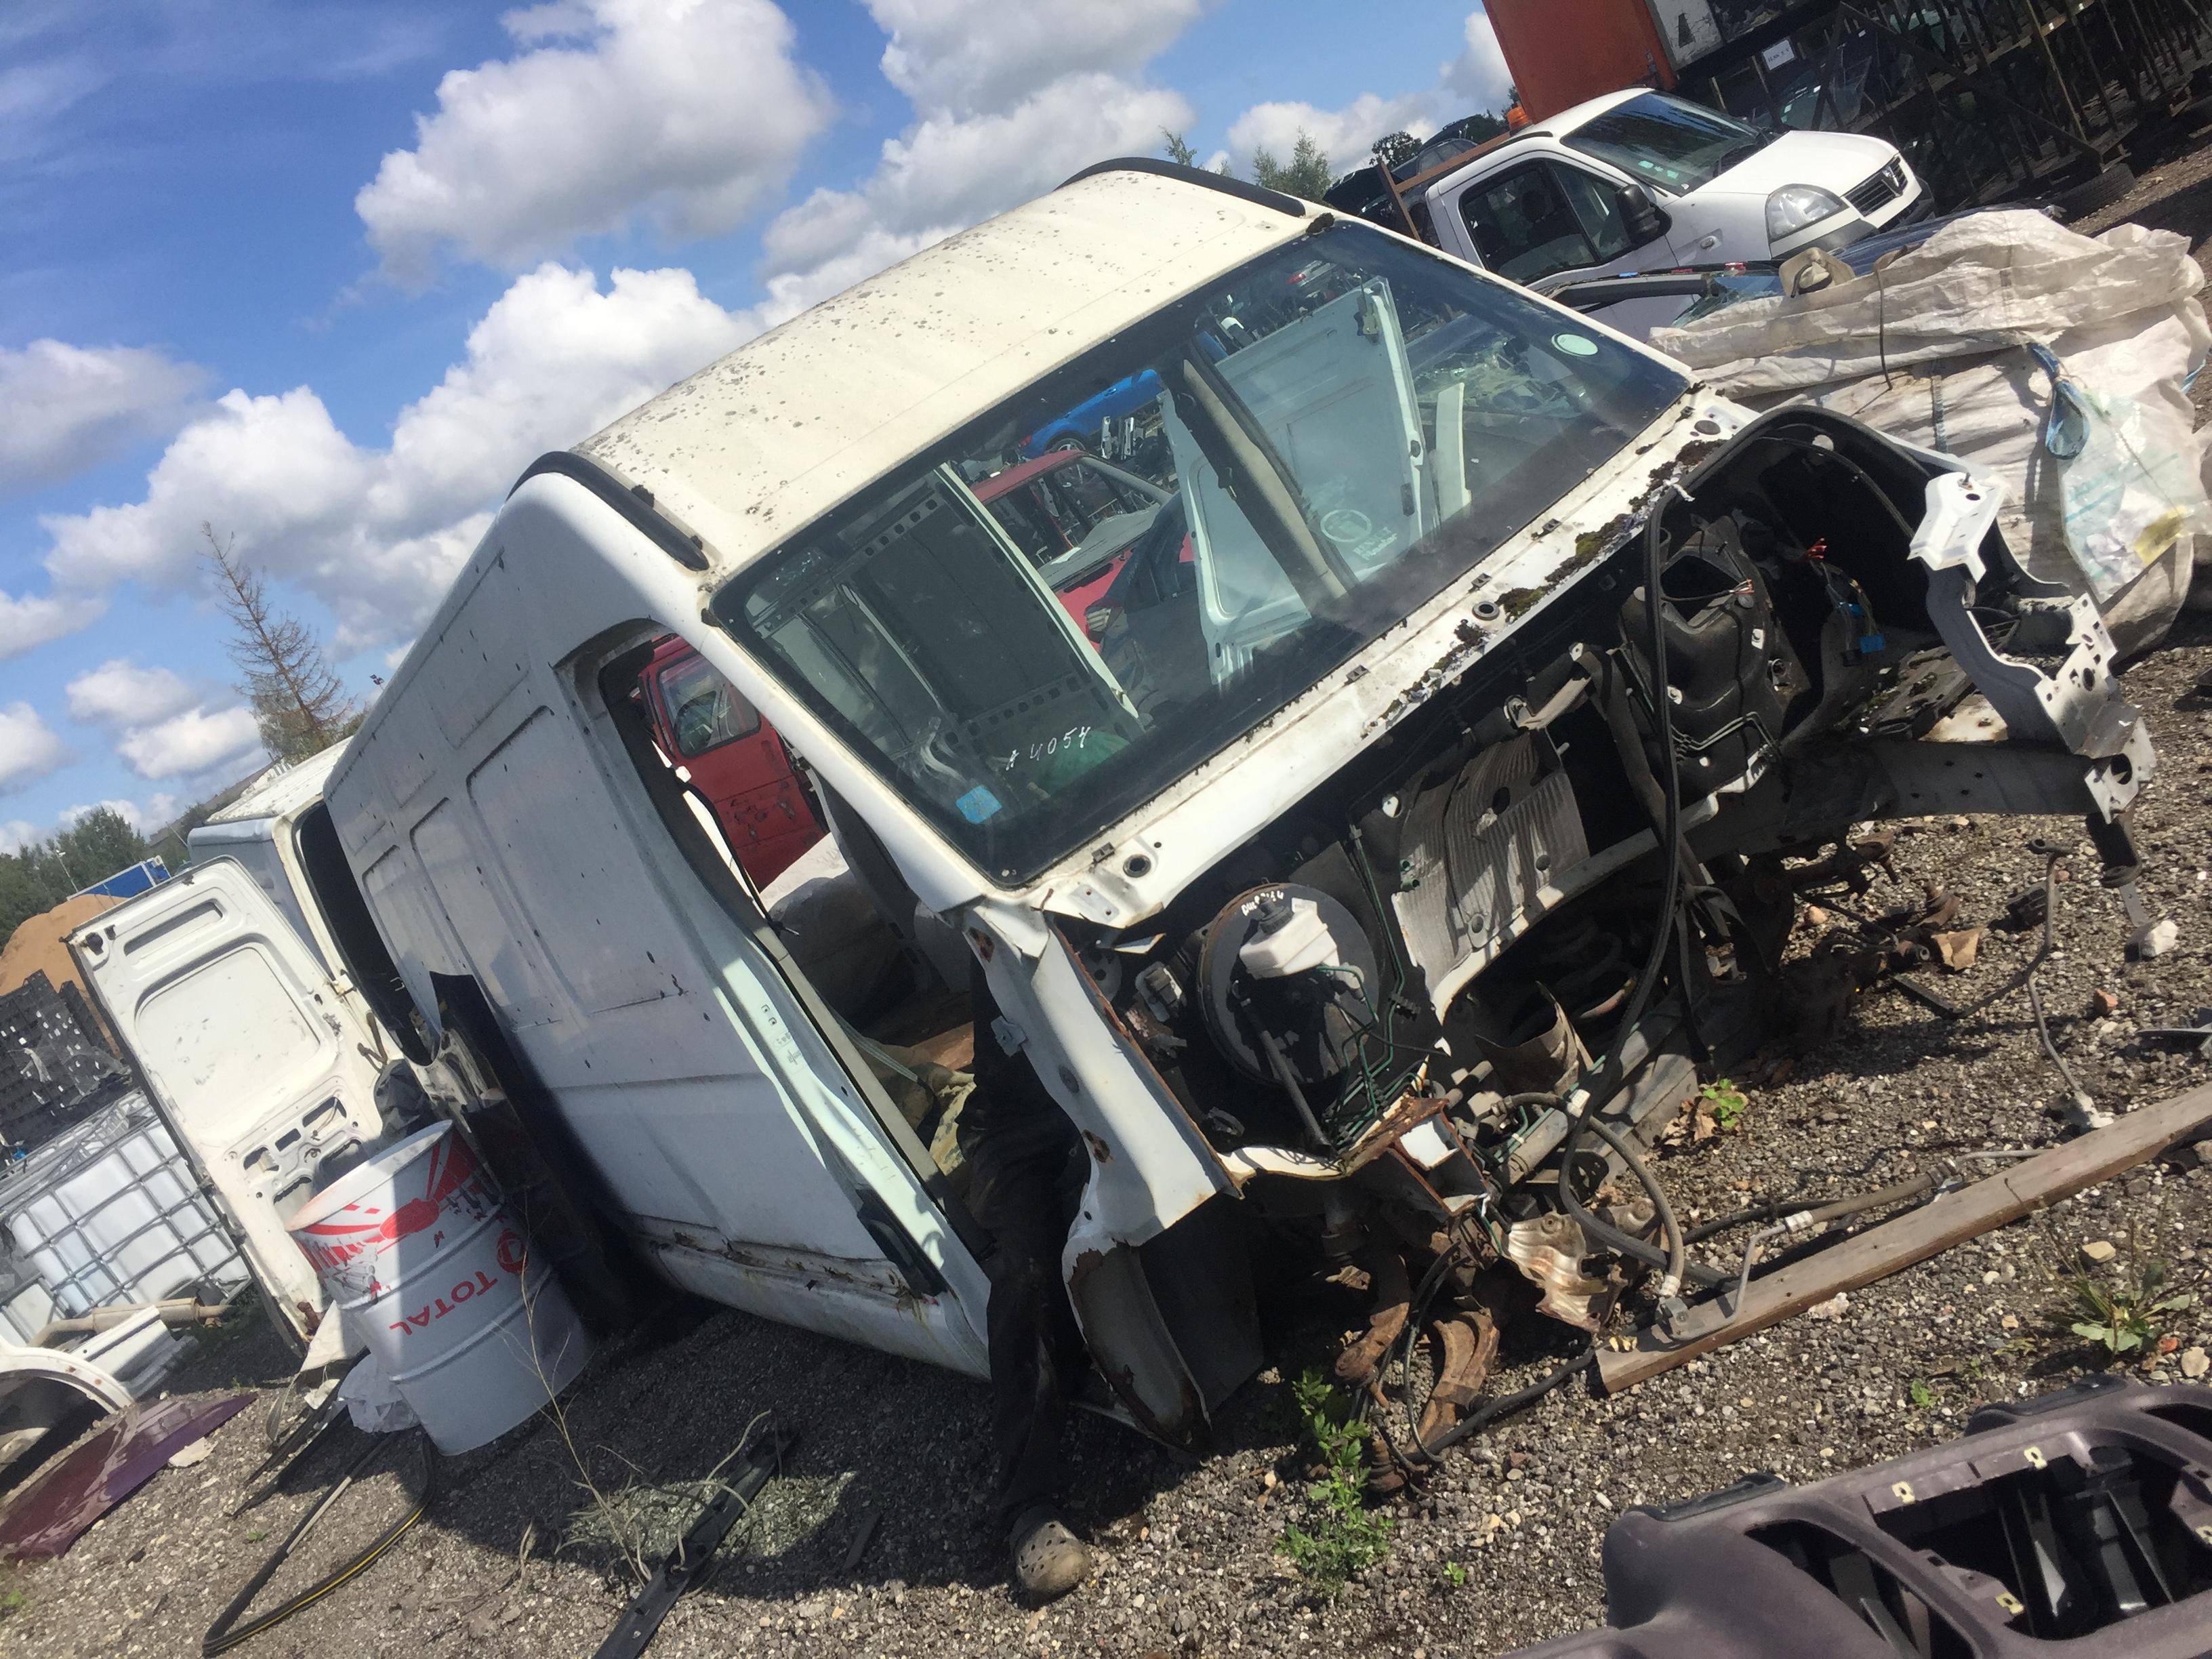 Подержанные Автозапчасти Foto 8 Renault MASTER 2001 2.8 машиностроение микроавтобус 4/5 d. белый 2018-8-27 A4054